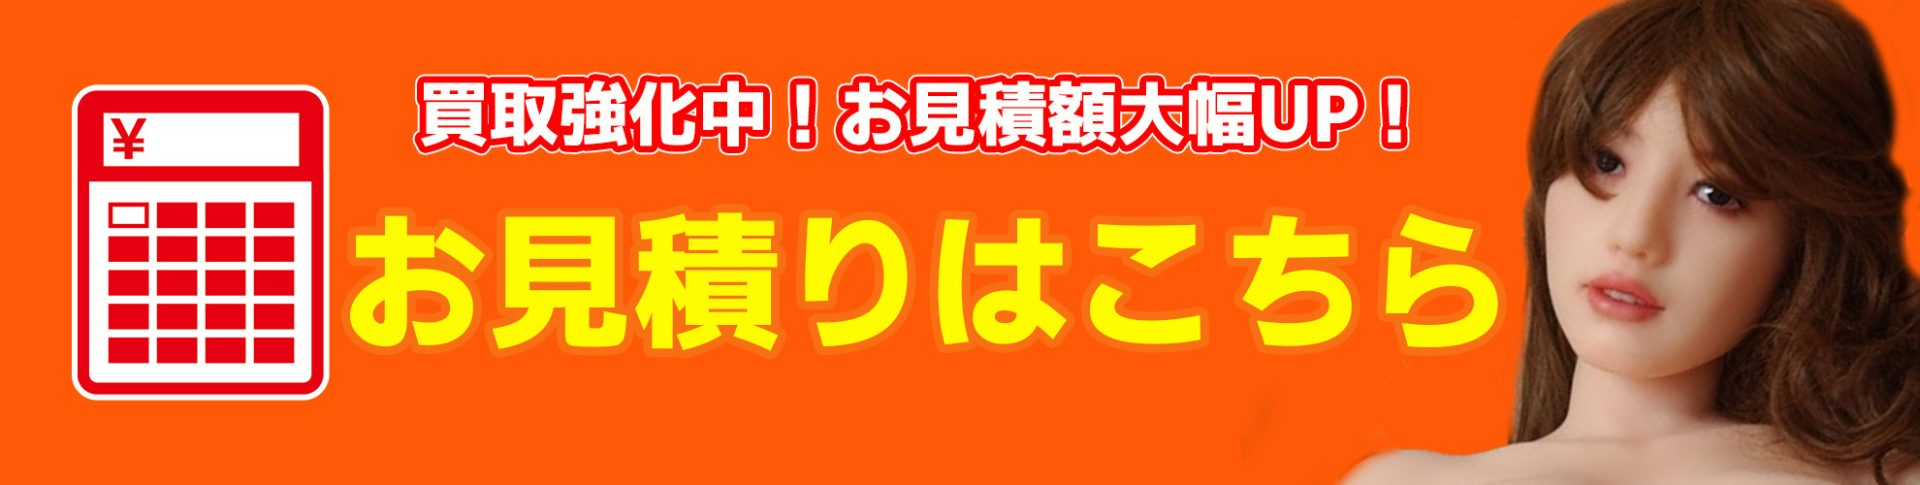 """""""お見積り></a></p> <div class="""